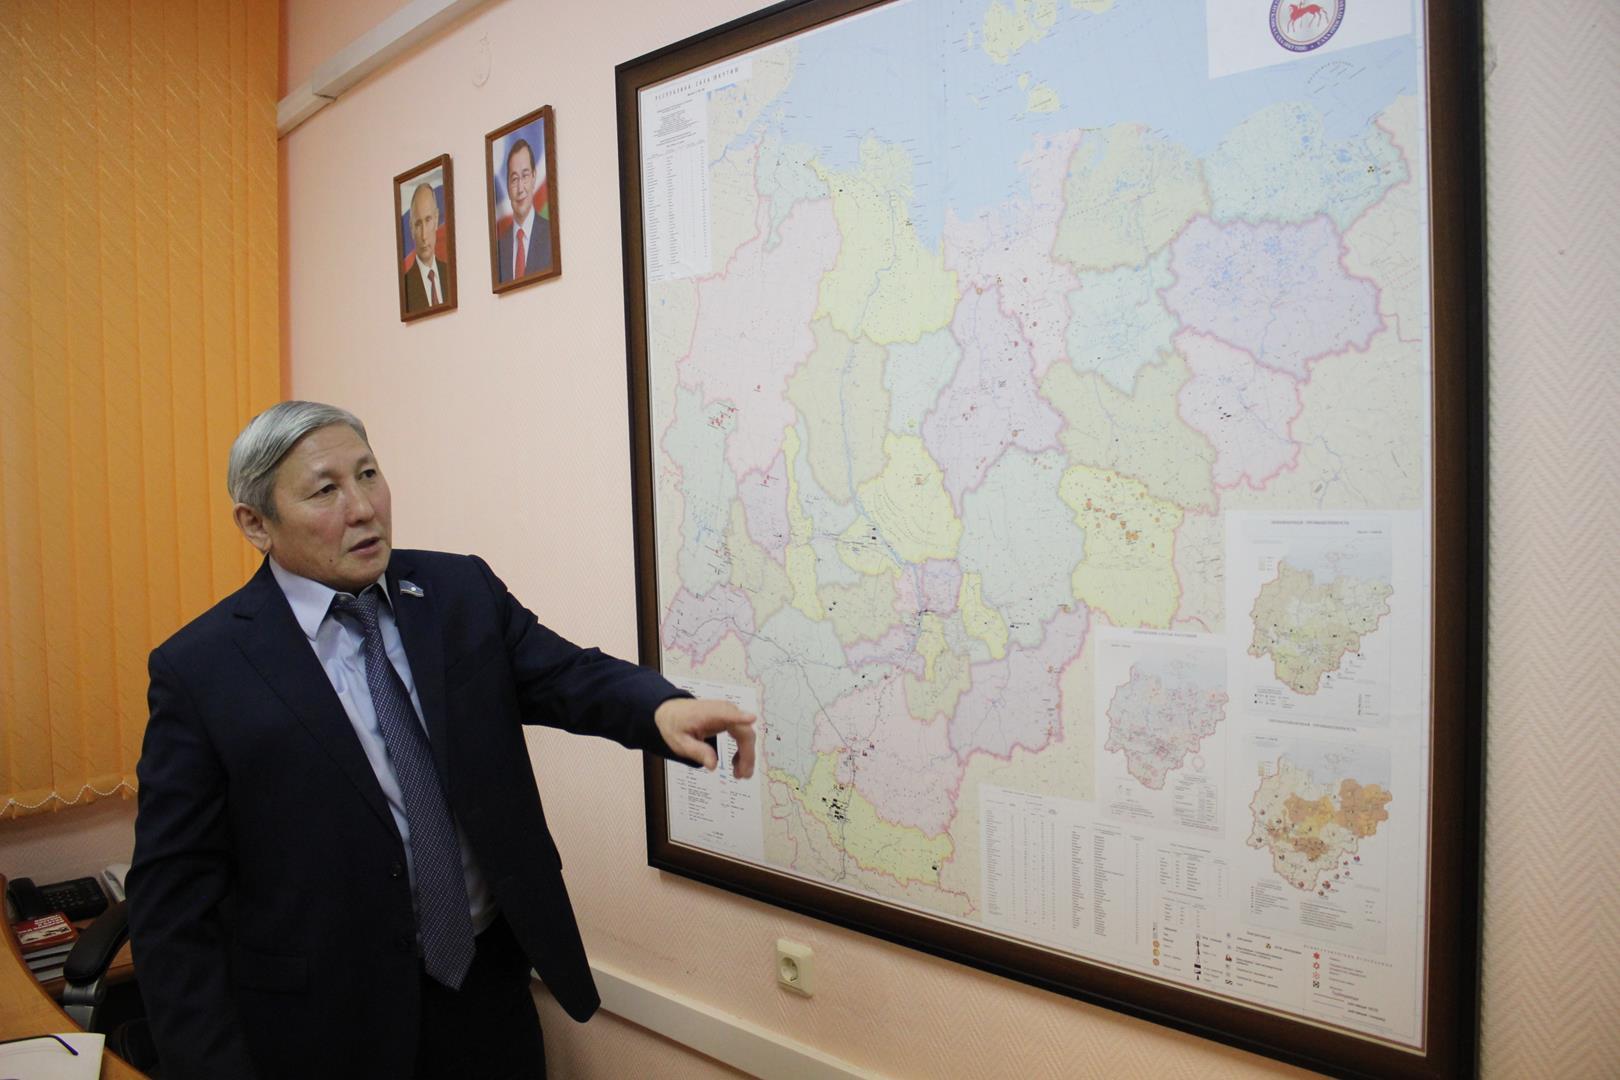 Один день из жизни депутата. Владимир Прокопьев об экологии, мерзлоте, пандемии и этике